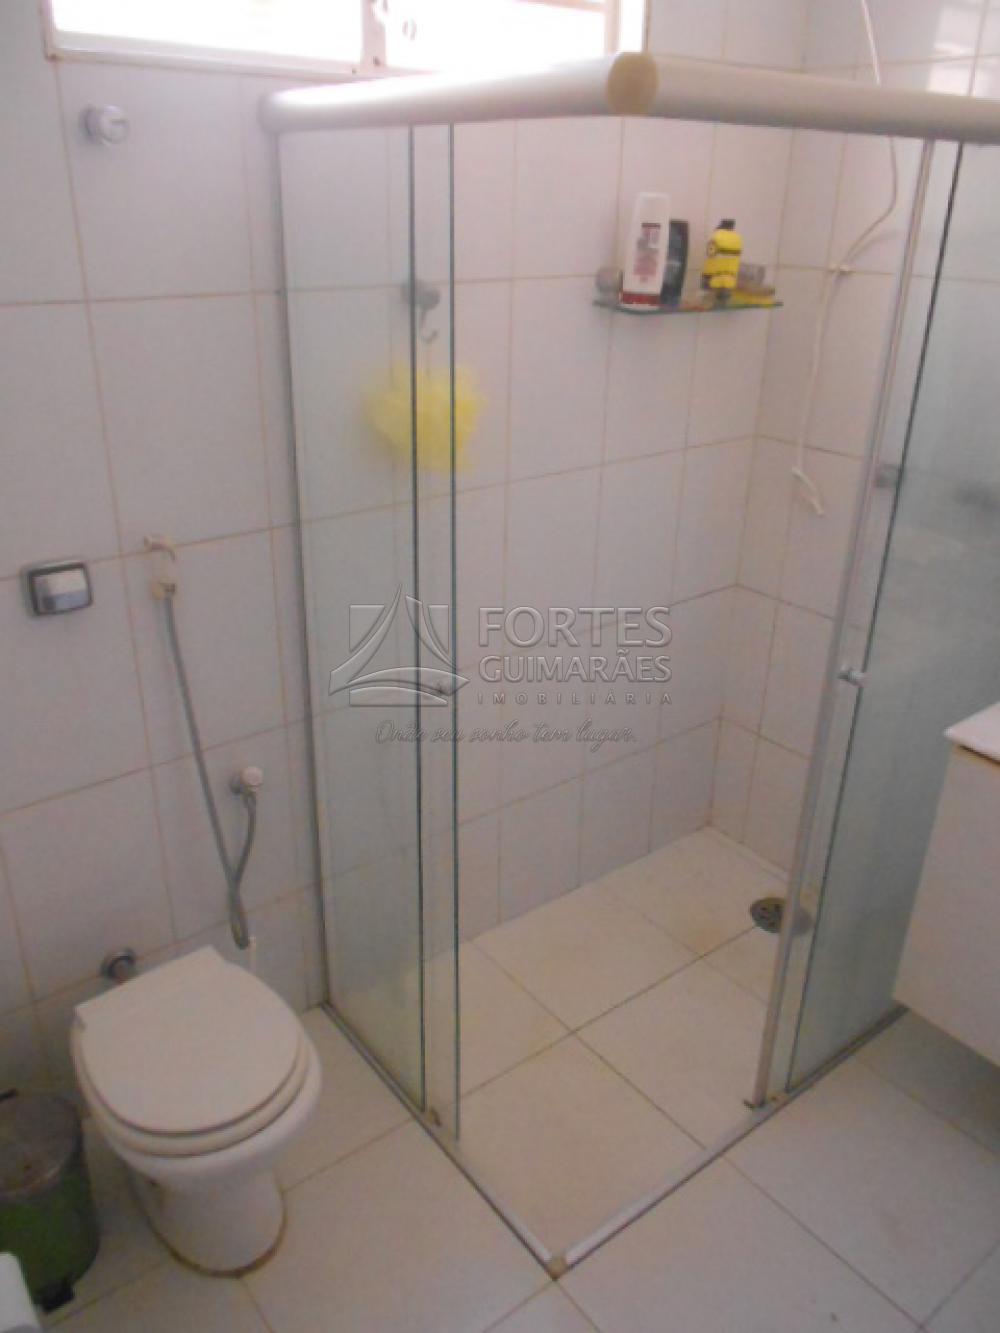 Alugar Casas / Padrão em Ribeirão Preto apenas R$ 2.000,00 - Foto 26